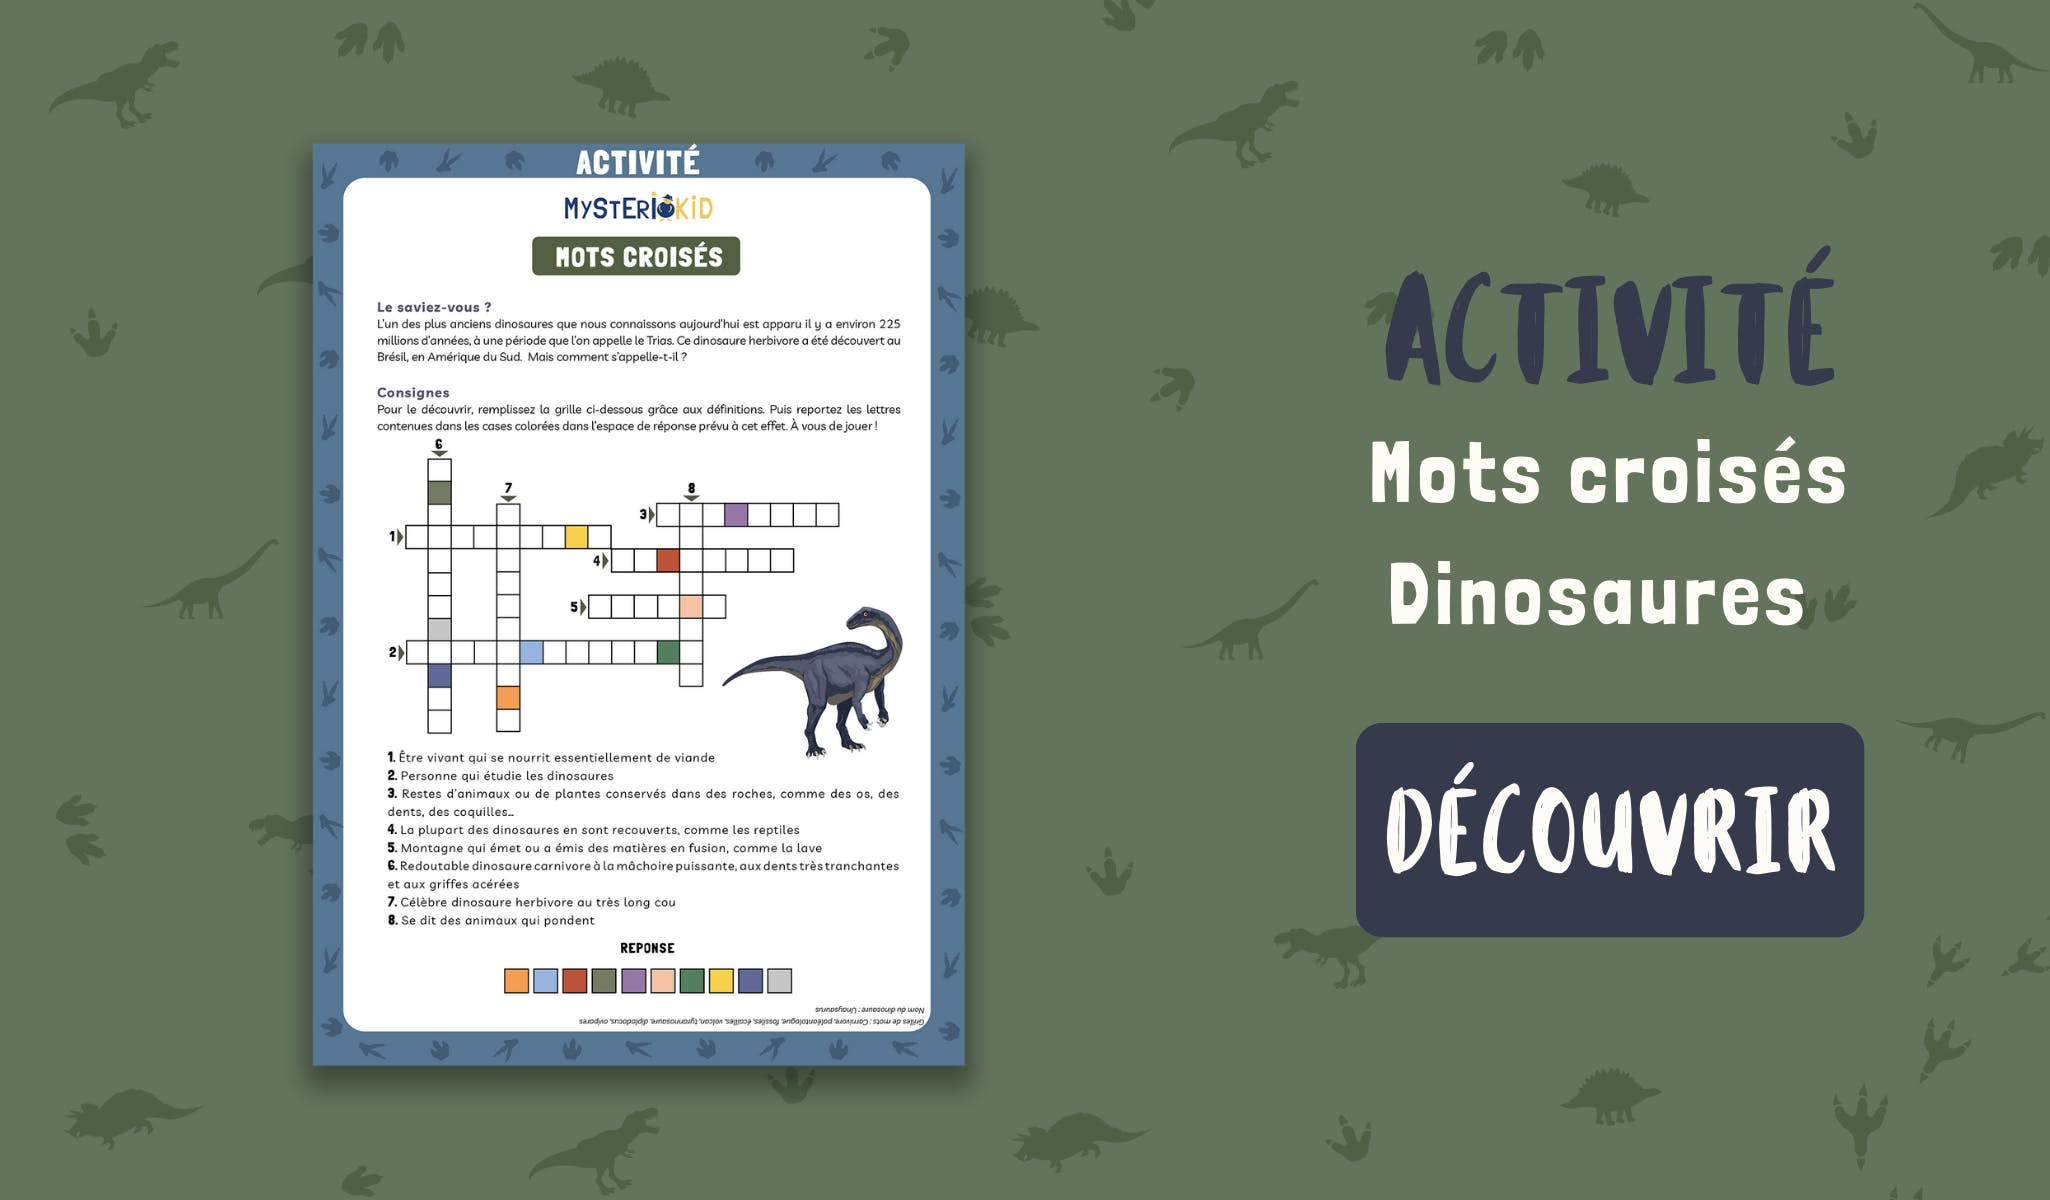 Activité mots croisés à télécharger gratuitement pour les enfants à partir de 7 ans sur le thème des dinosaures